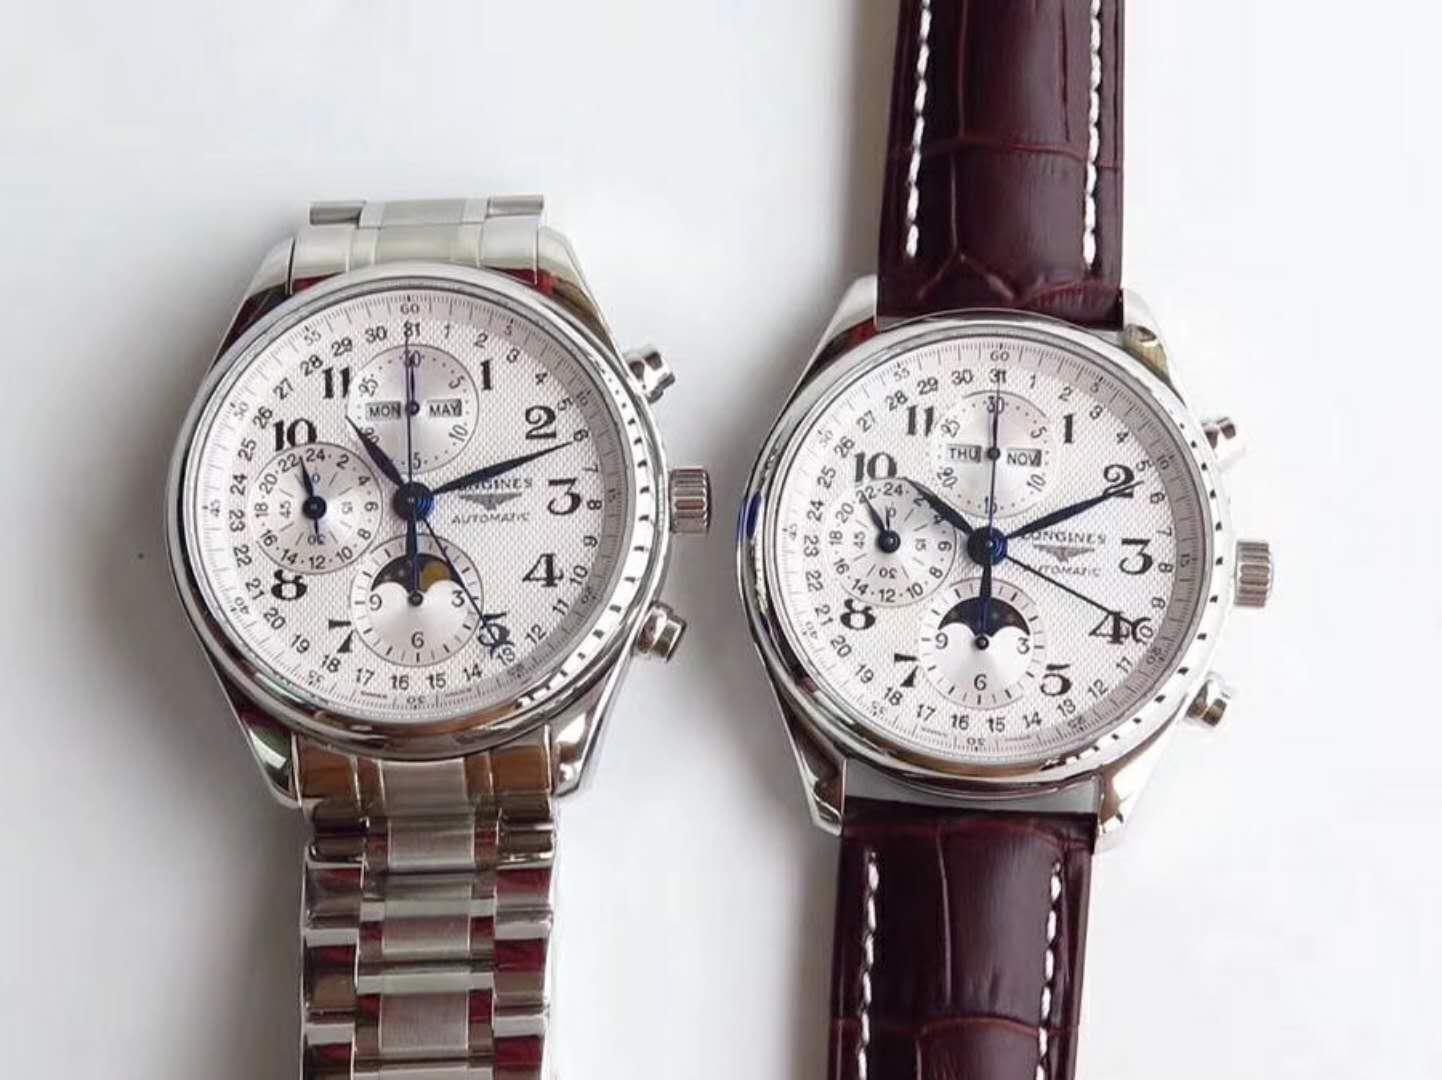 男人都爱的尖货坊顶级复刻腕表,劳力百、积家、达翡丽你选哪个?